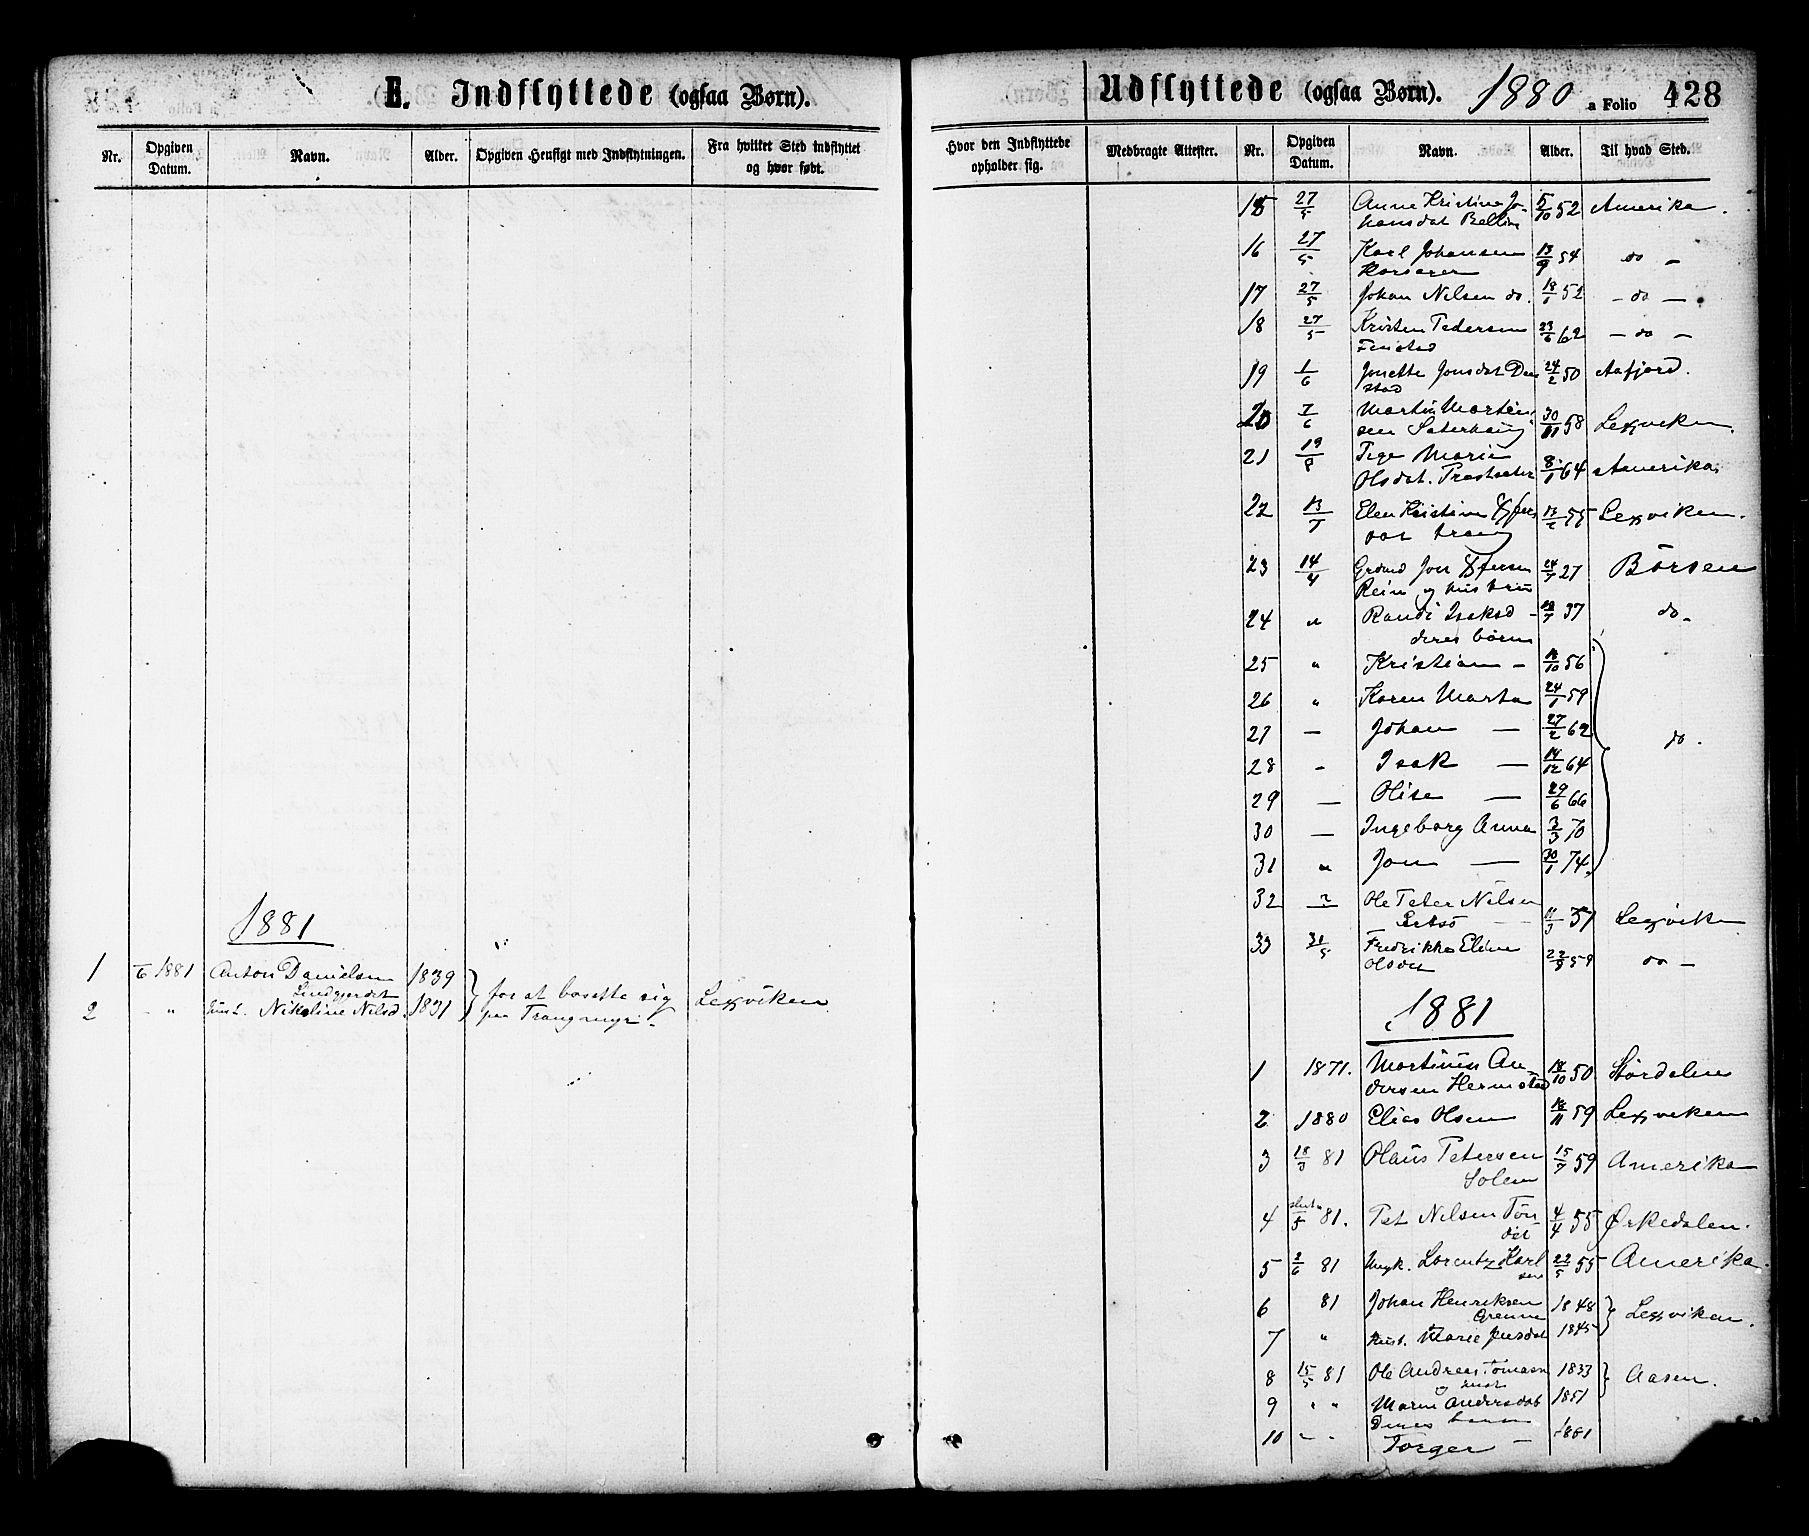 SAT, Ministerialprotokoller, klokkerbøker og fødselsregistre - Sør-Trøndelag, 646/L0613: Ministerialbok nr. 646A11, 1870-1884, s. 428